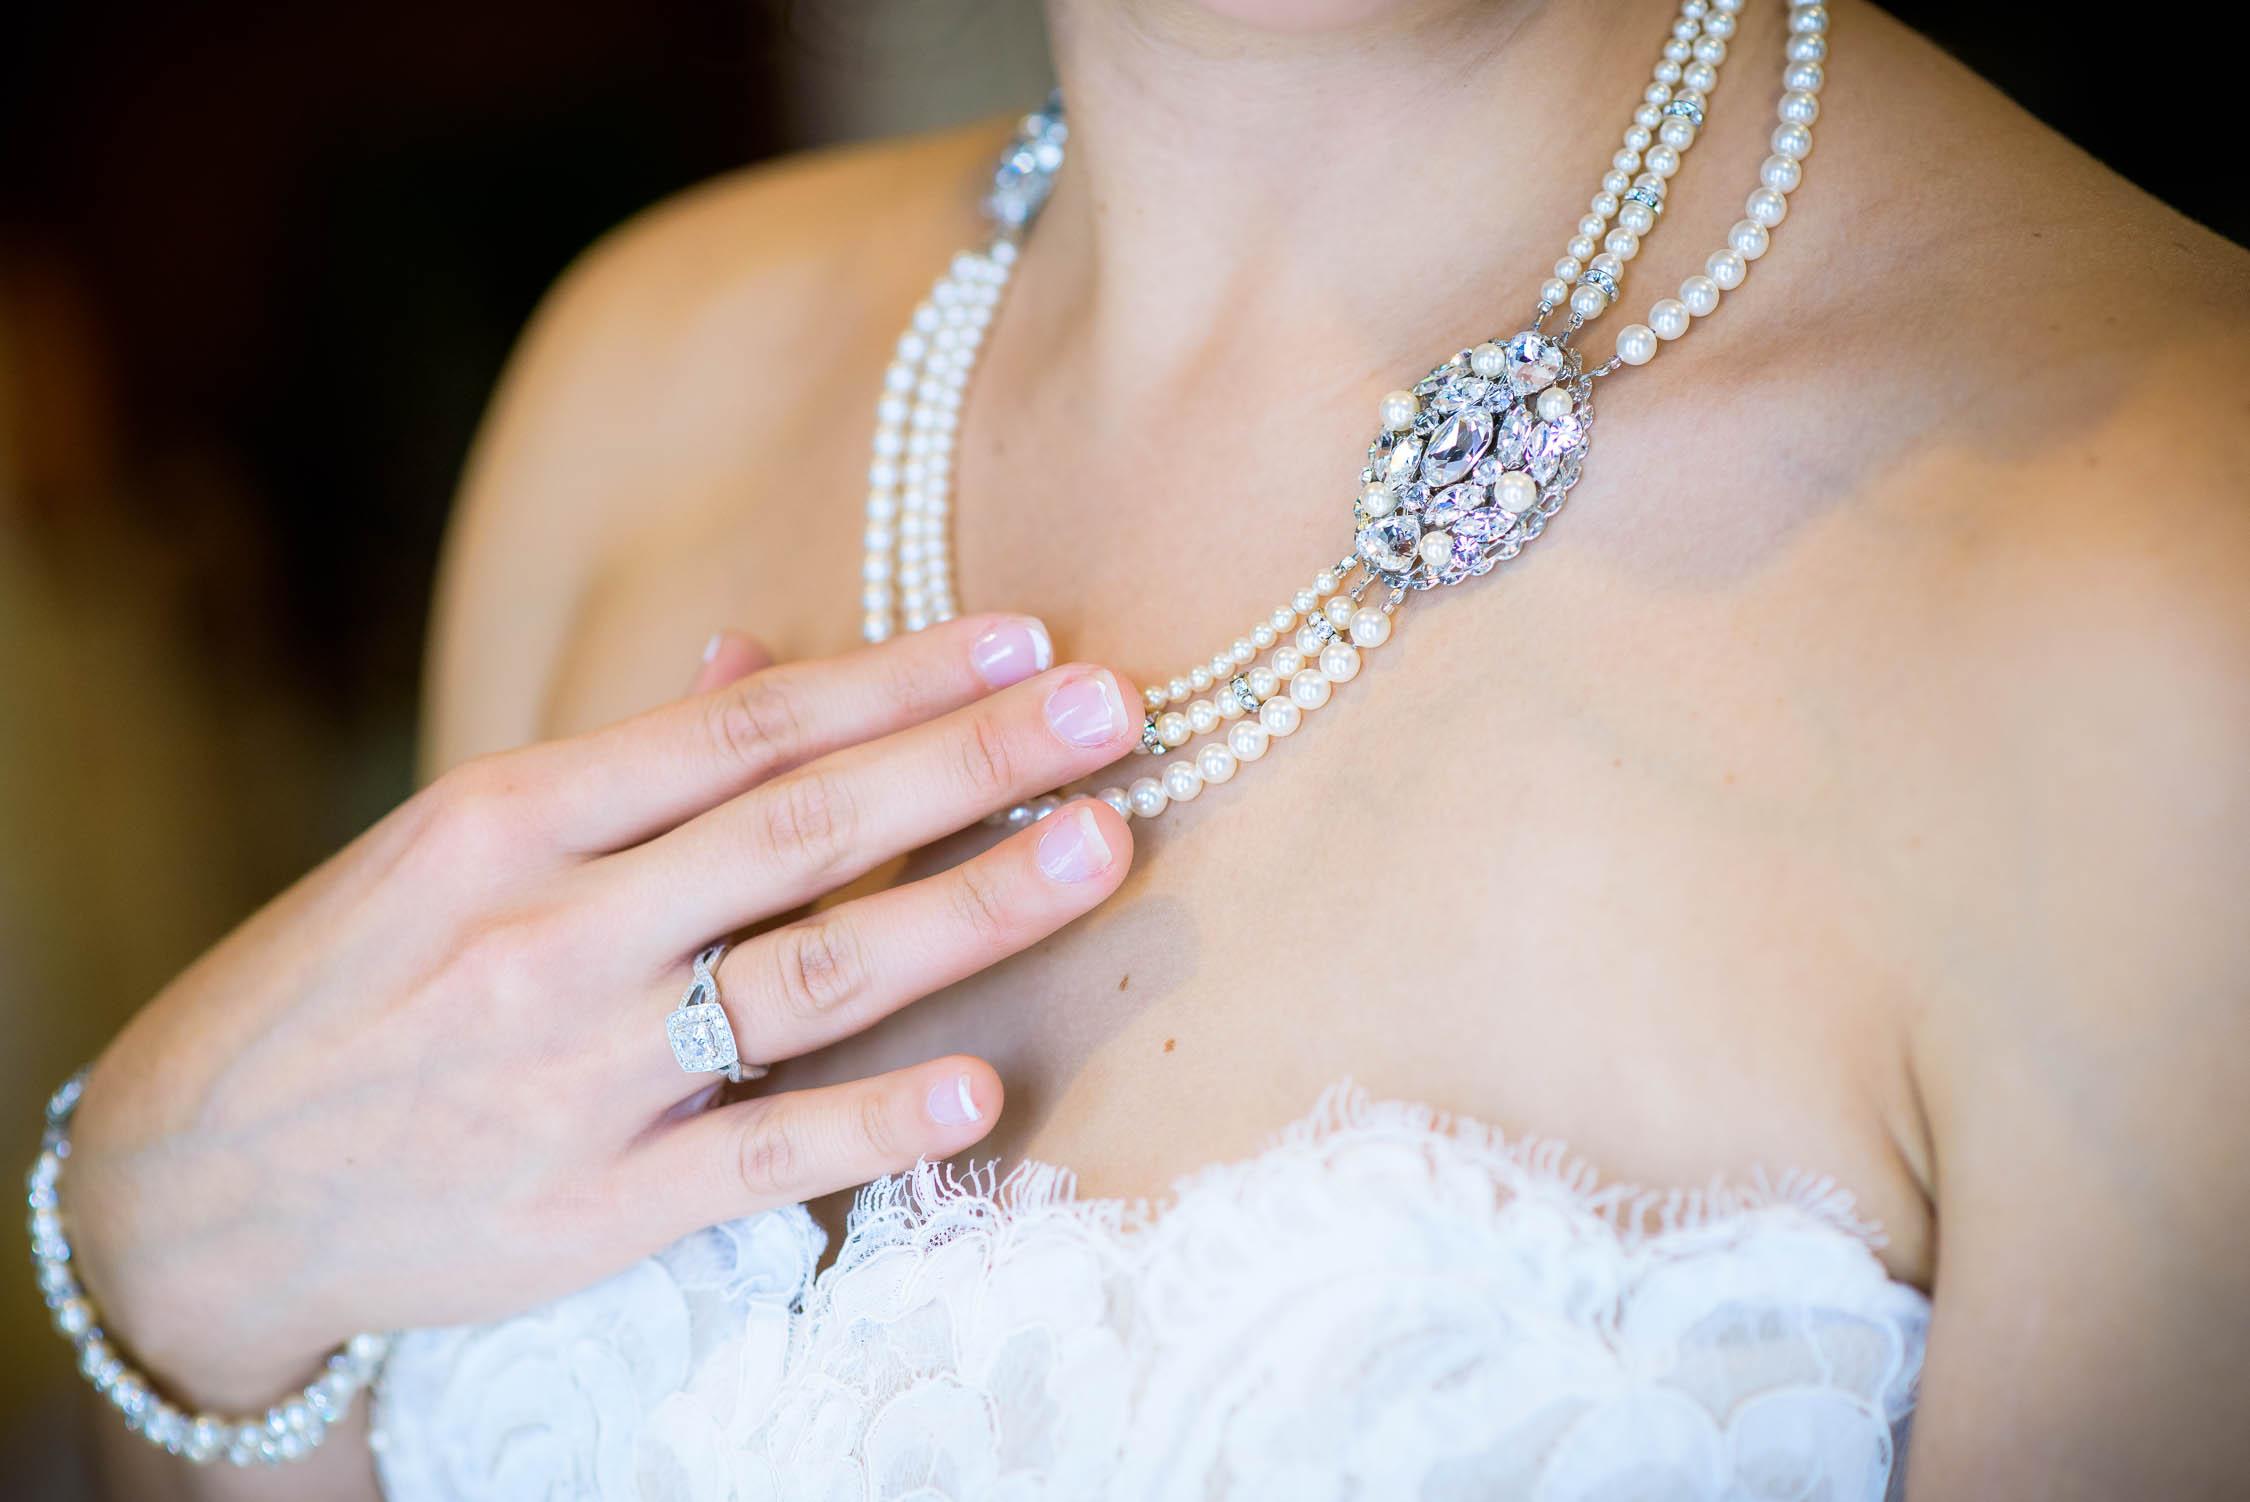 Wedding jewelry detail photo.